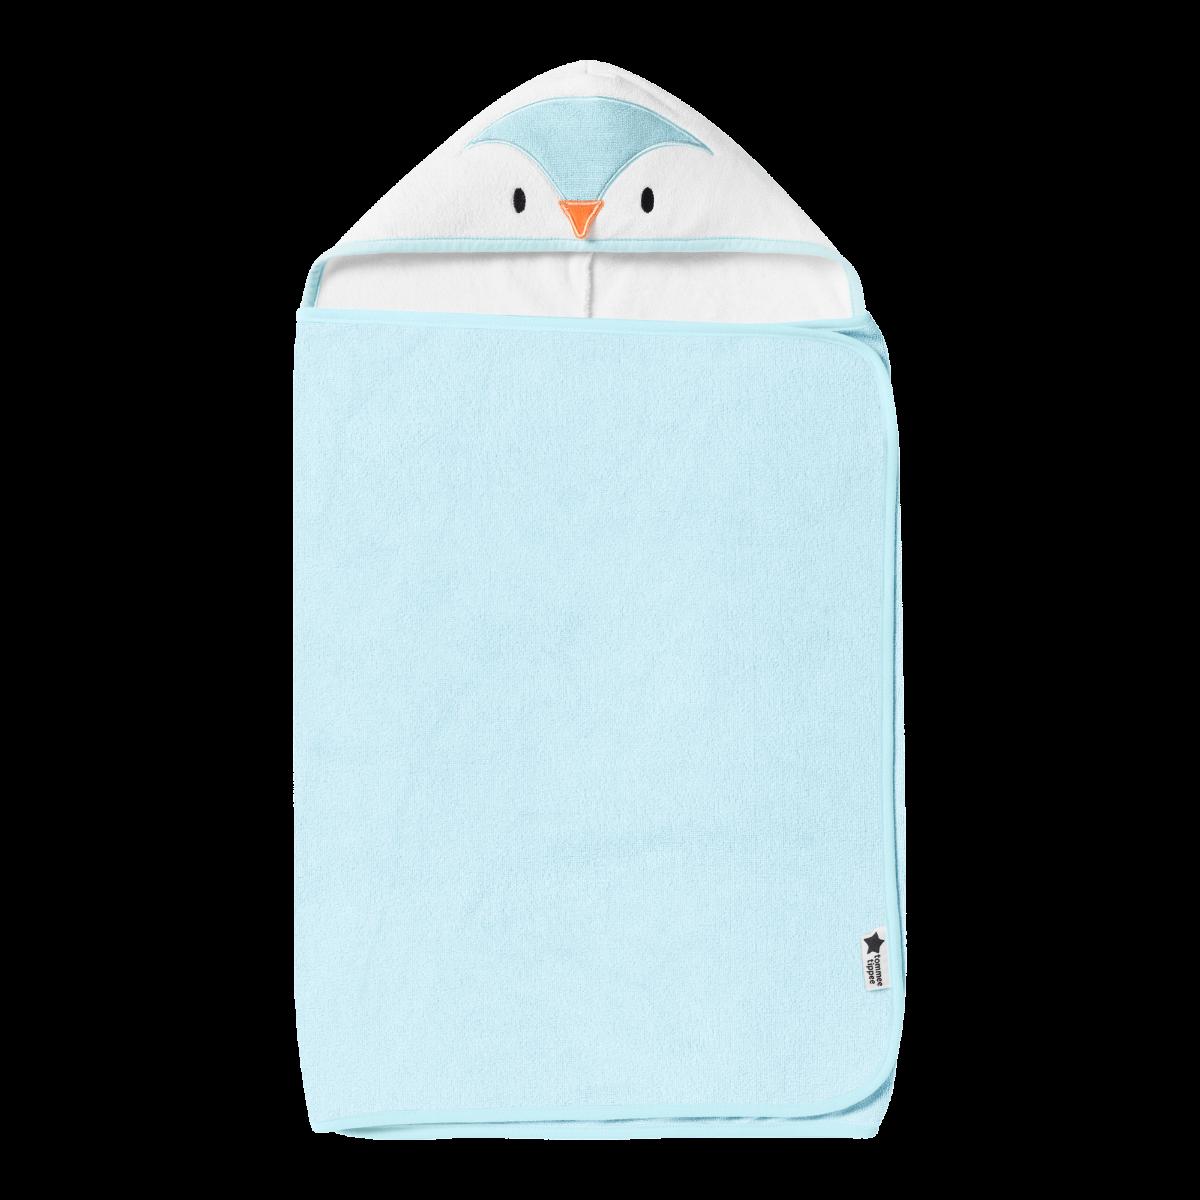 Osuška s kapucňou Hug 'n' Dry 6-48m Percy Blue